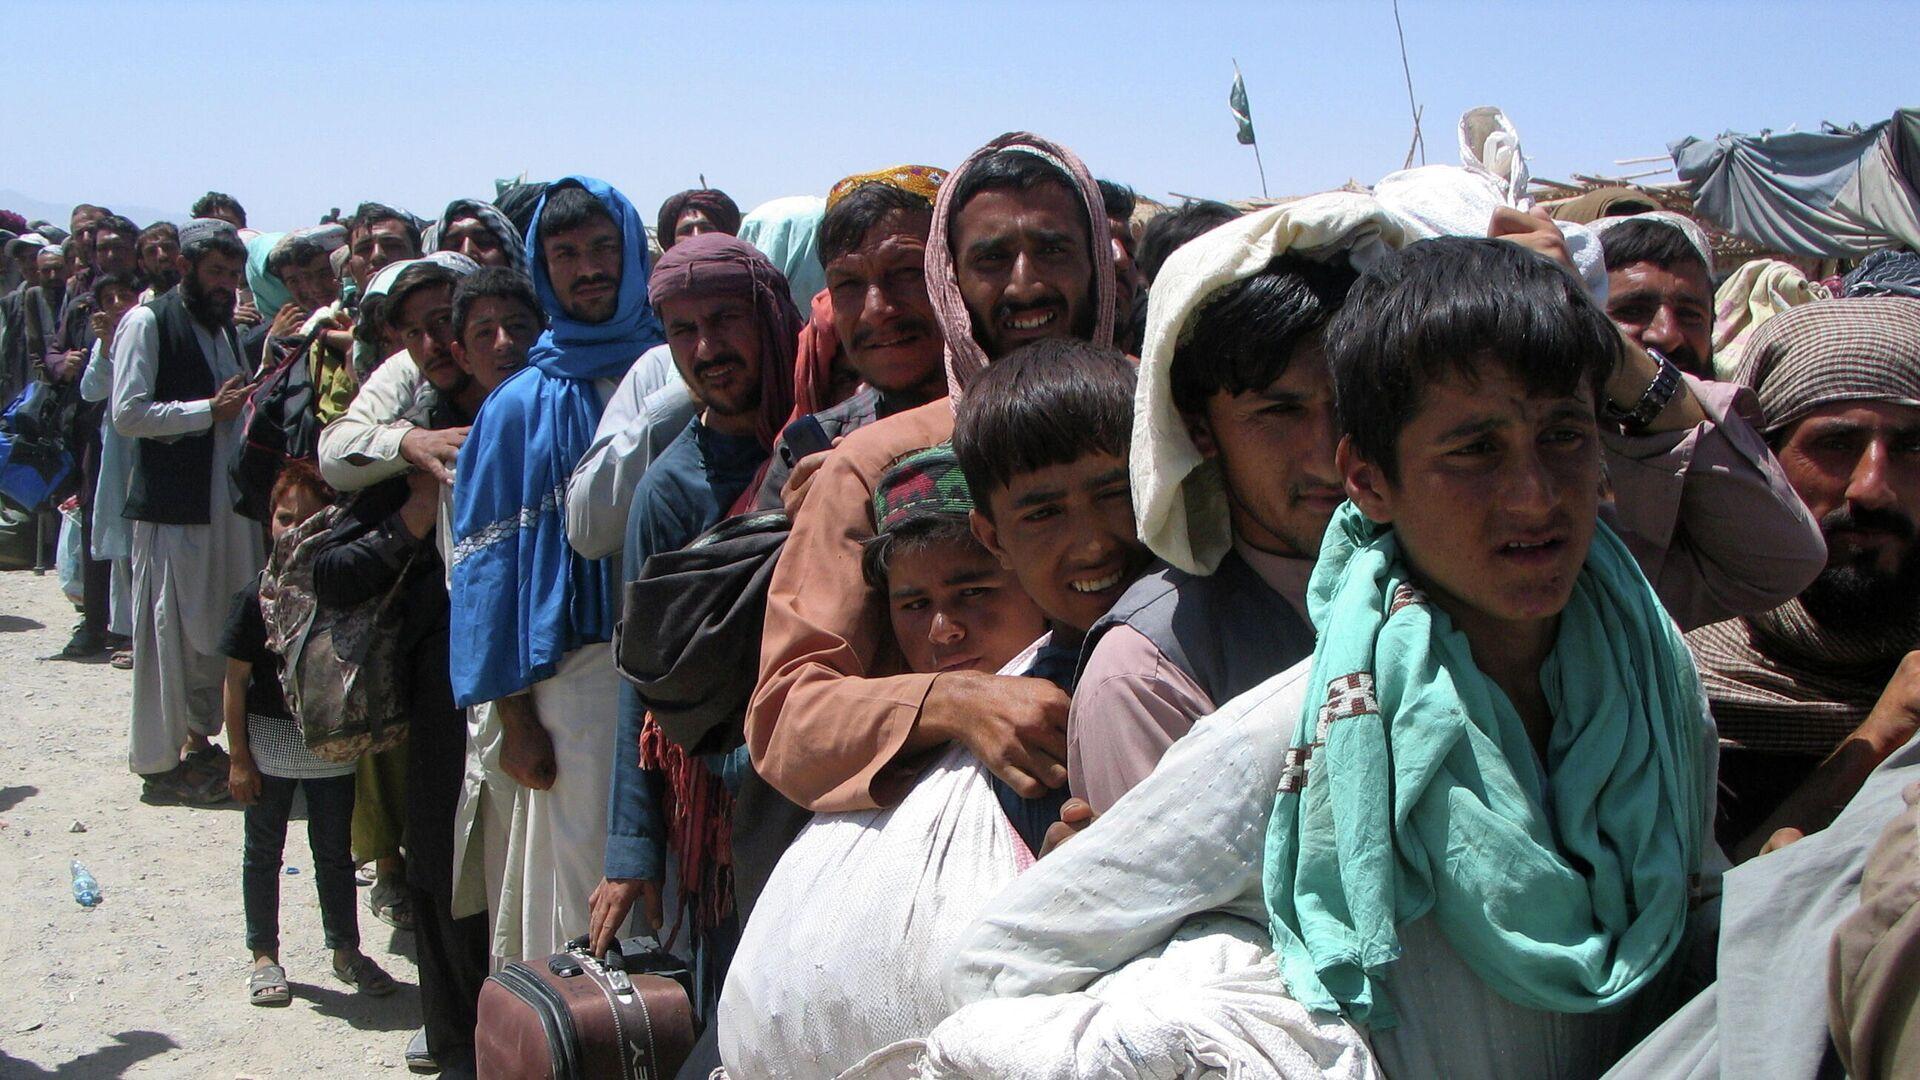 СМИ: сорок человек пострадали в аэропорту Кабула после обострения ситуации